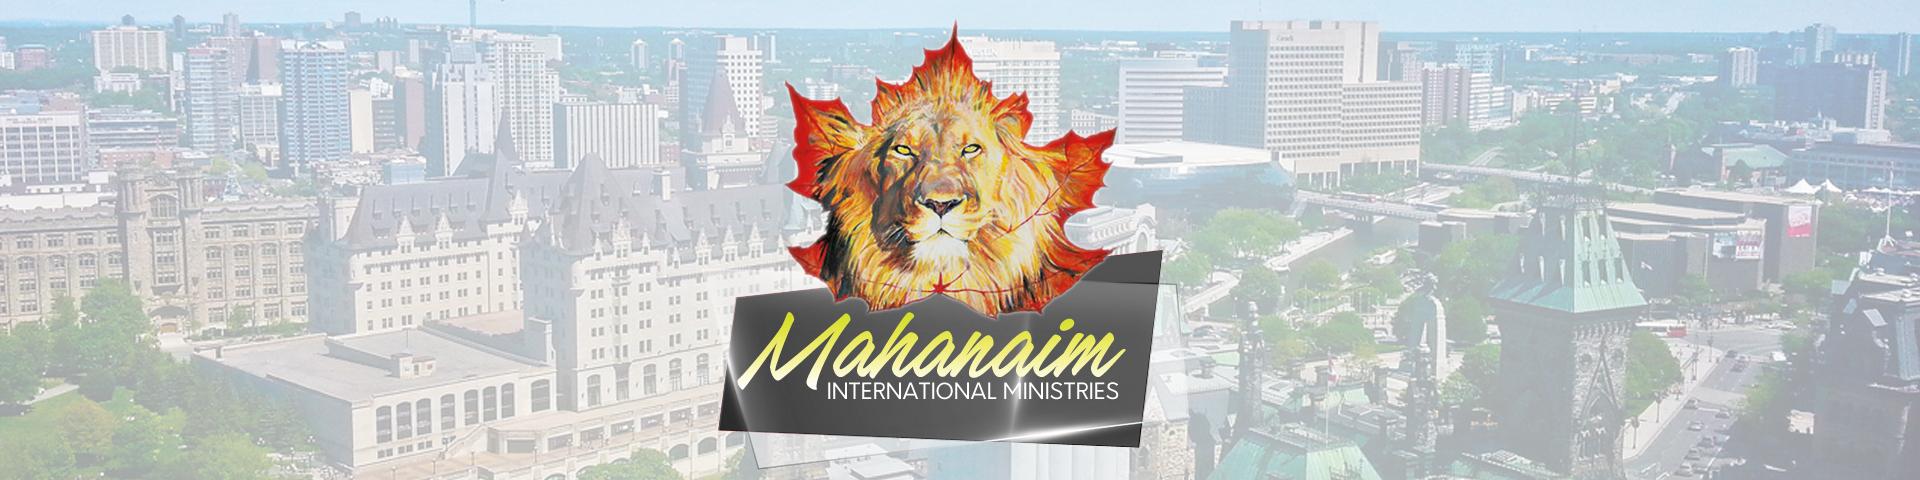 Mahanaim International Ministries